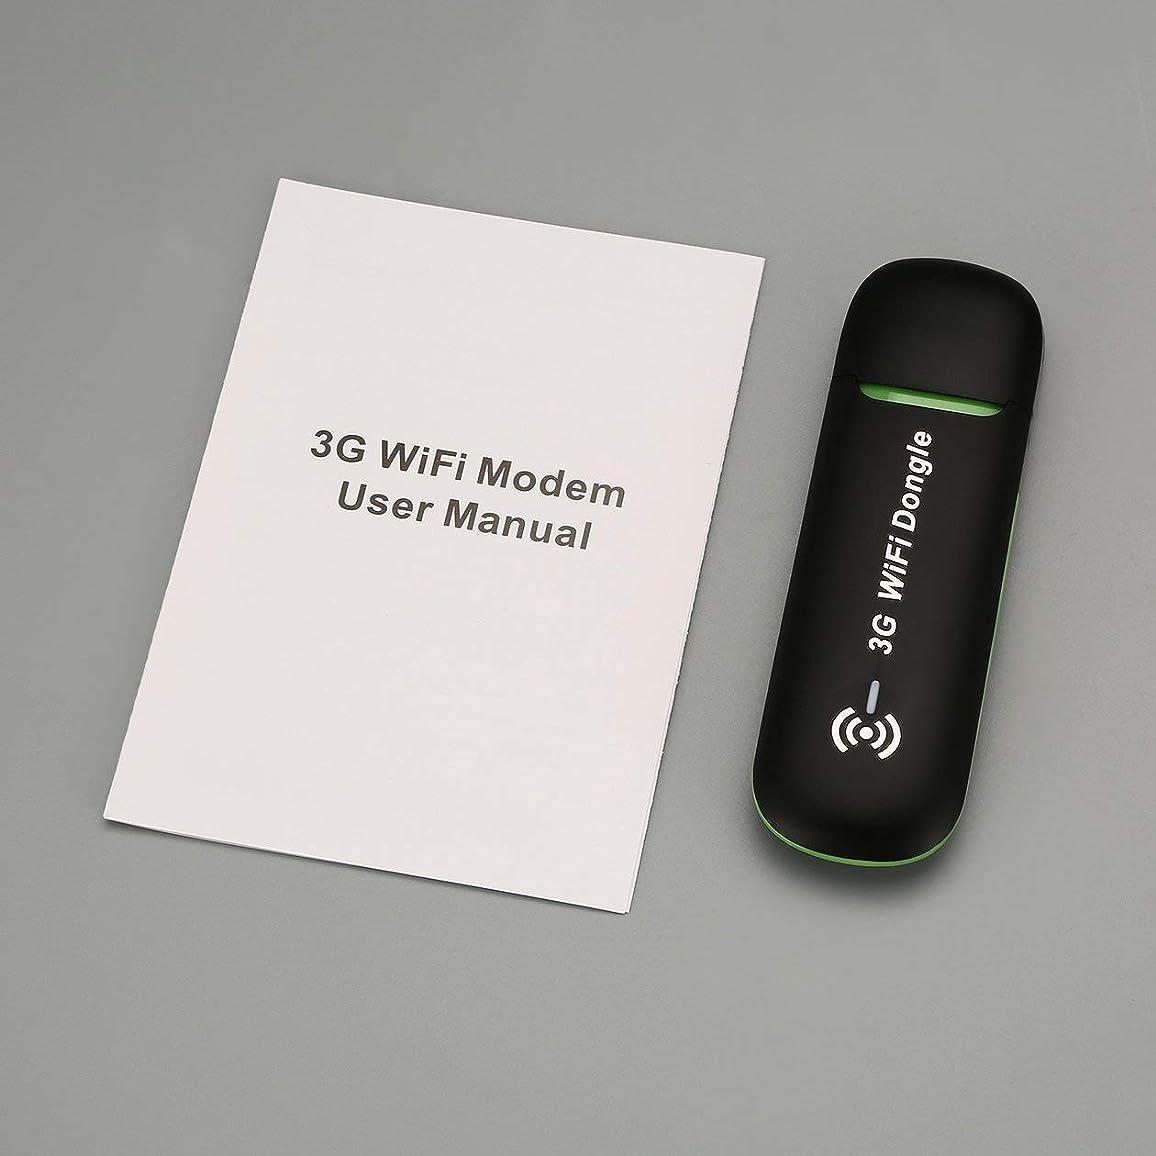 誕生大使シャーク3GモバイルWifiホットスポットカーUSBモデムユニバーサルブロードバンドミニWi-FiルーターSIMカードスロットを備えたMifi Dongle